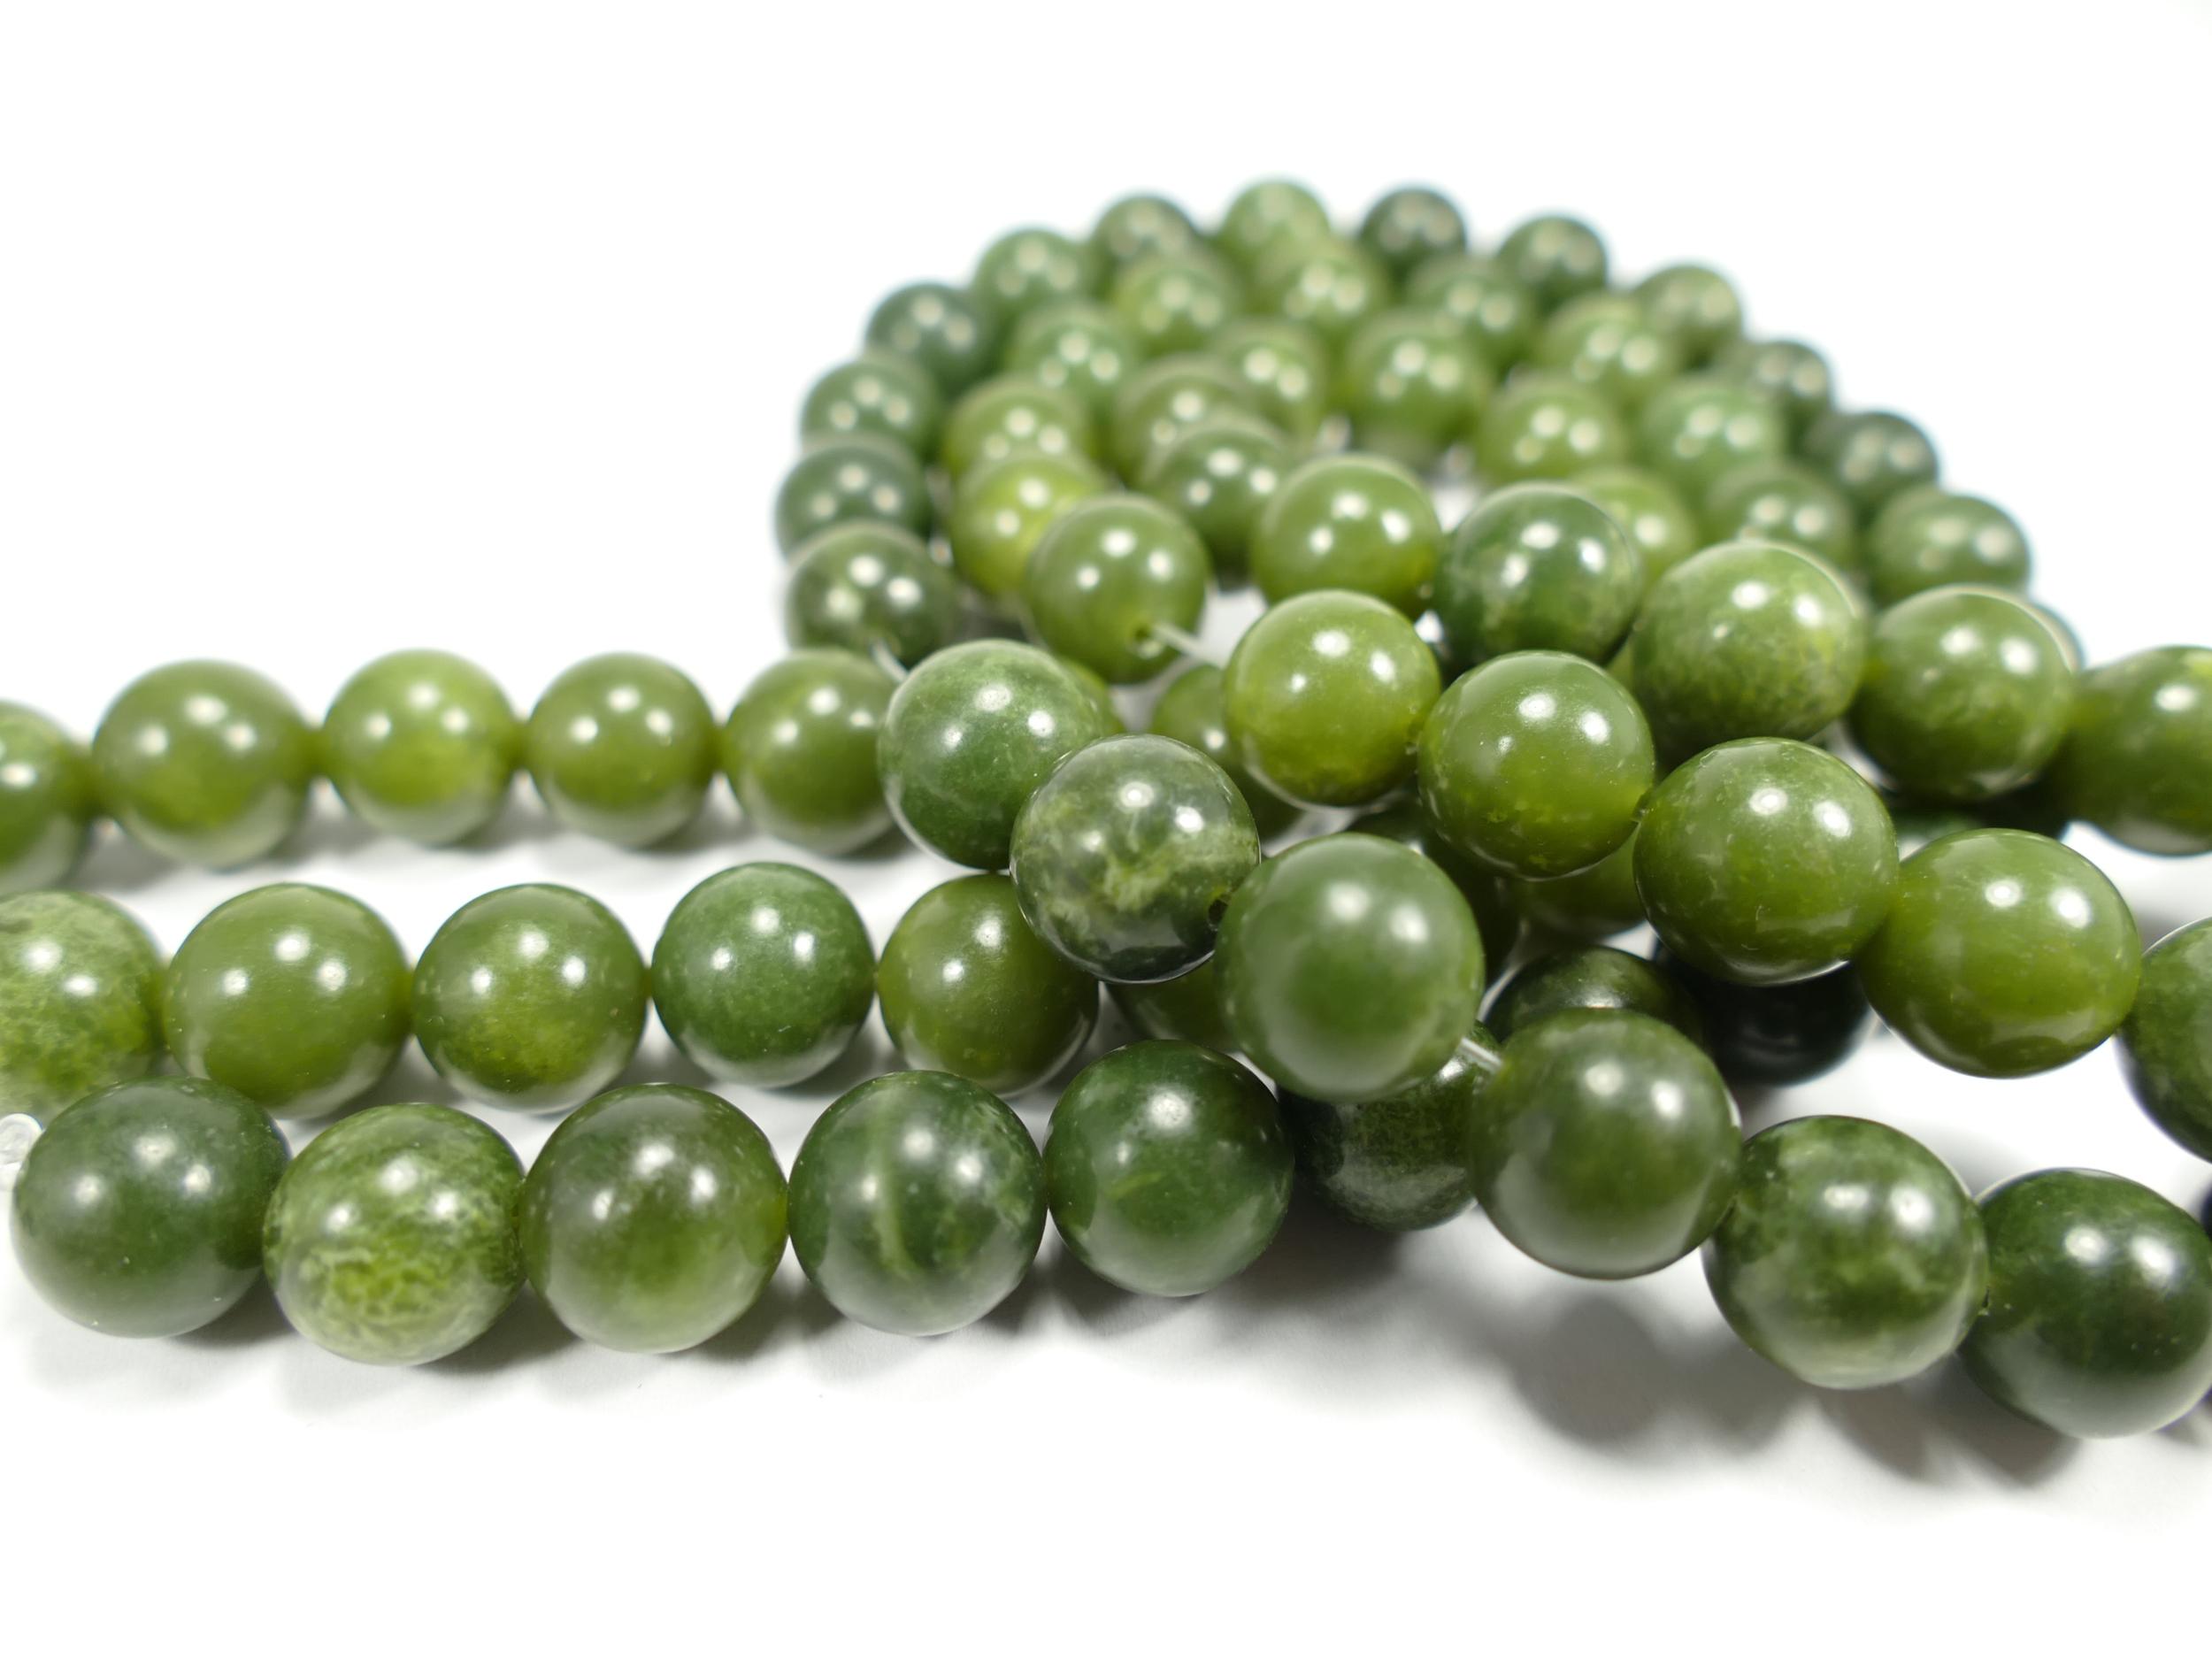 10.3/10.7mm x8 Perles de Jade Néphrite naturel en boule / ronde du Canada vert kaki foncé (#AC605)